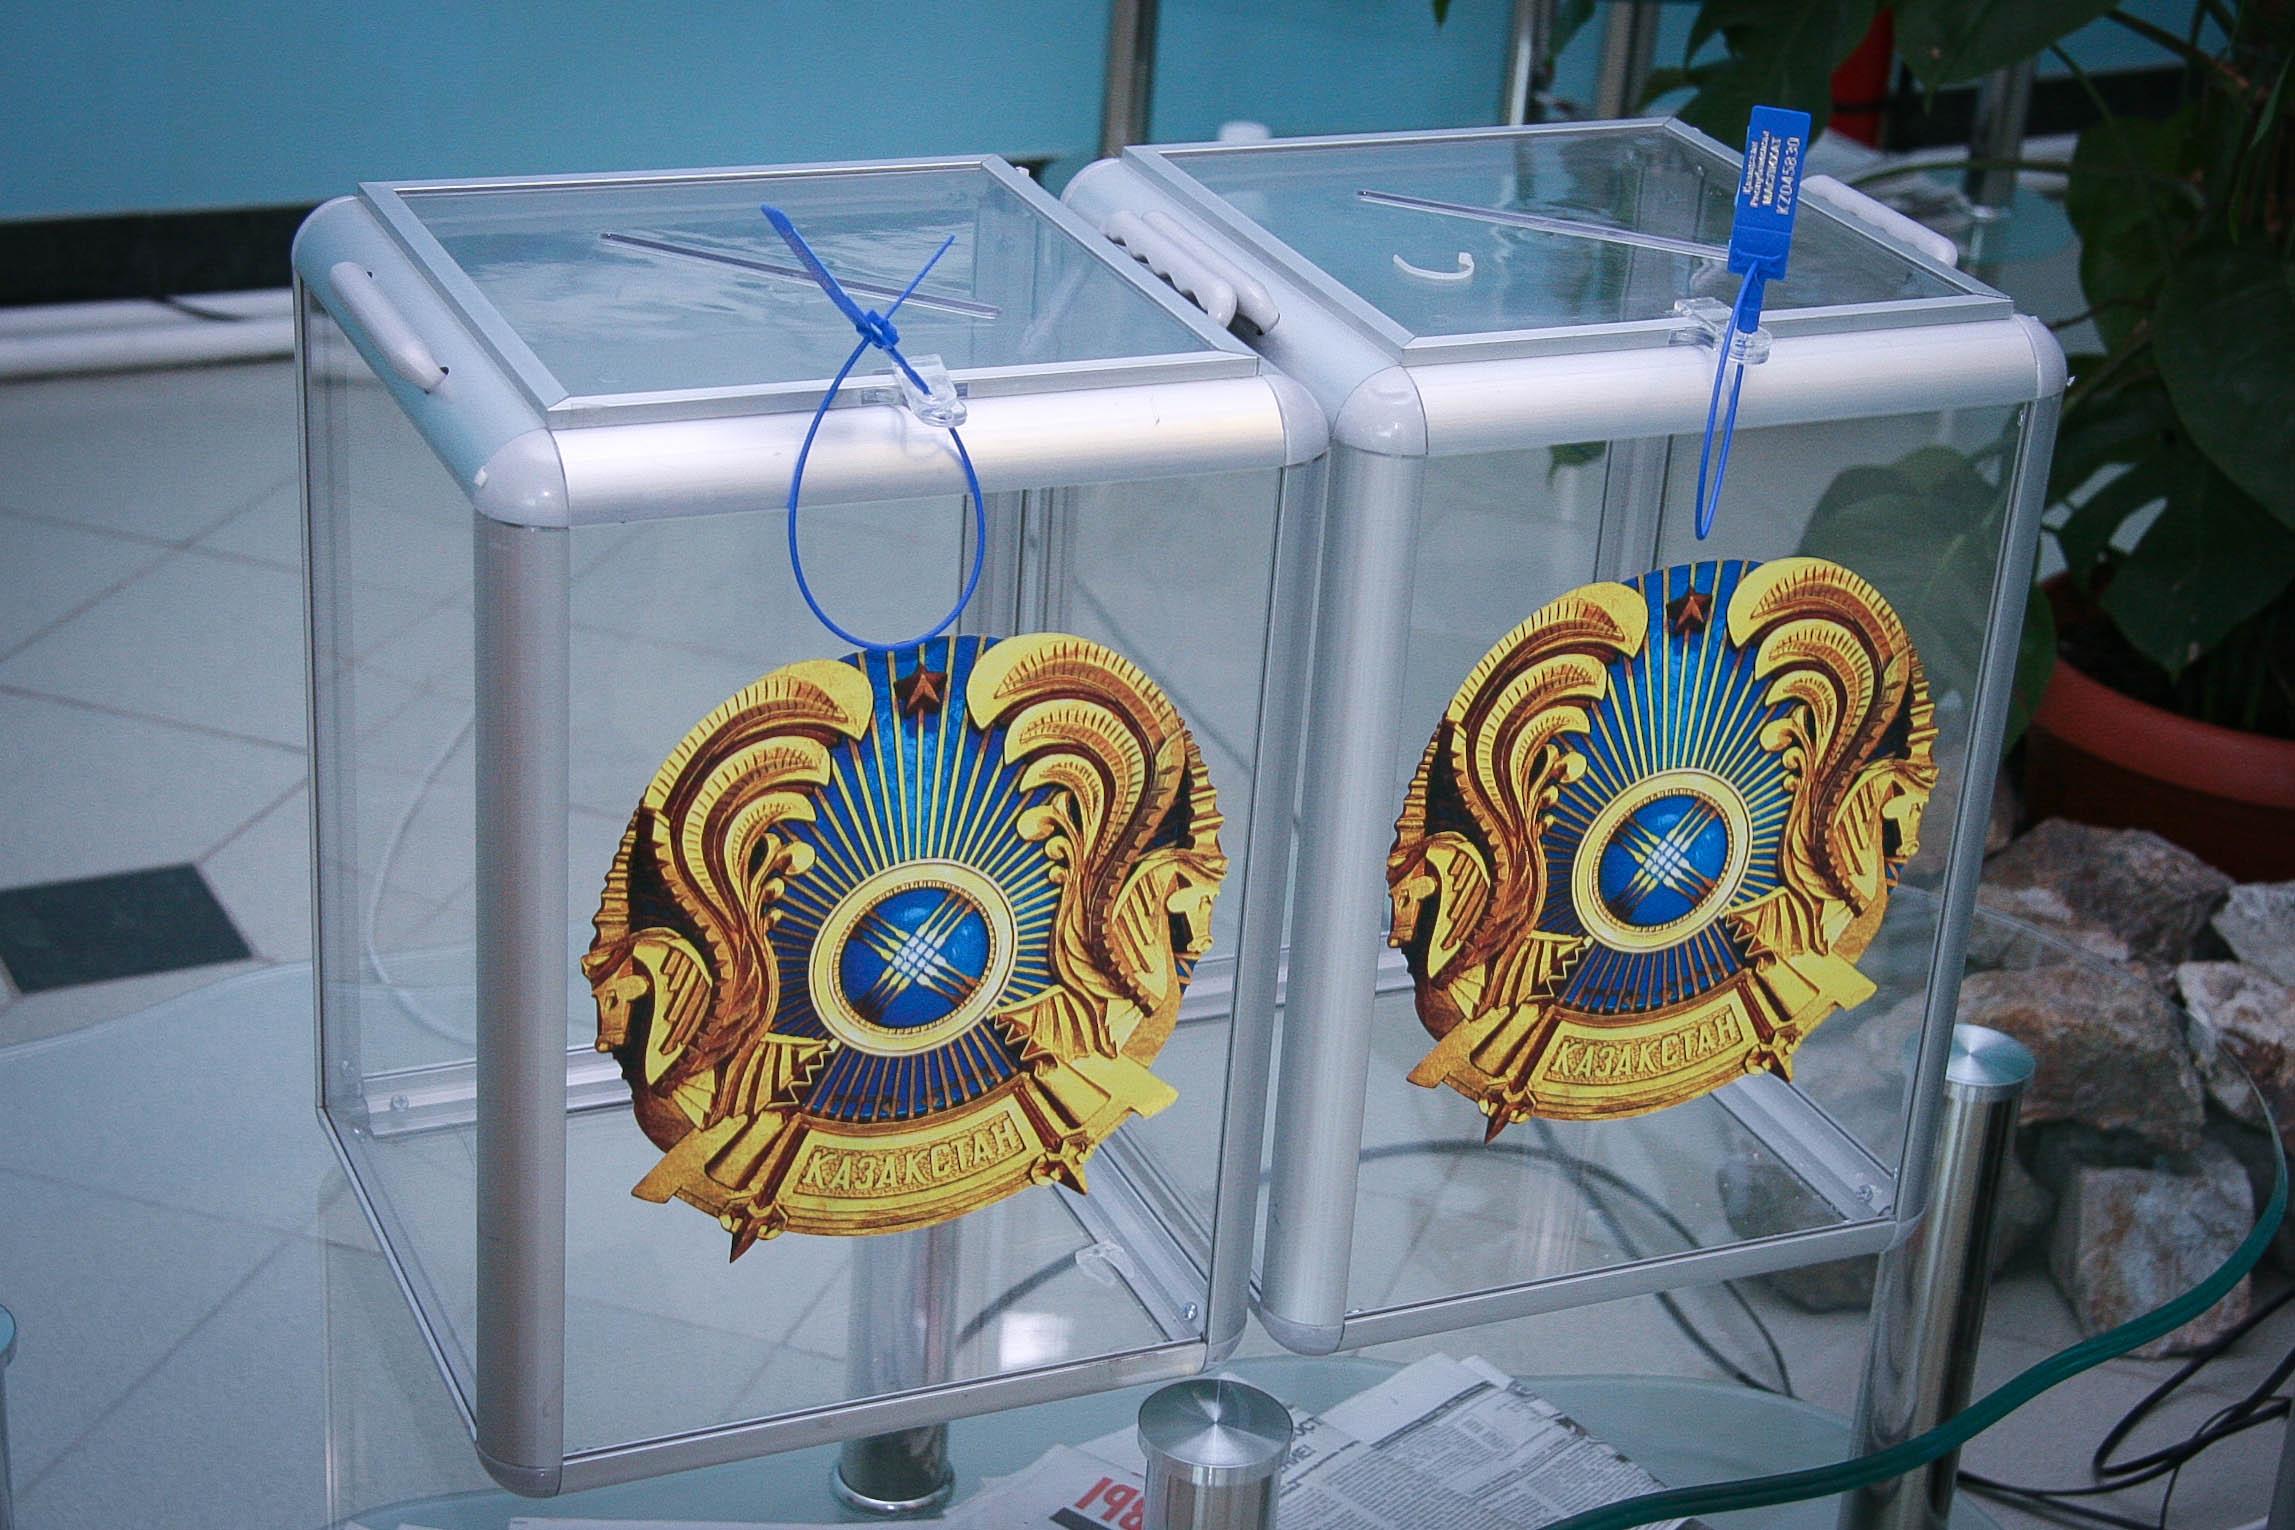 Явка казахстанских избирателей на участках за рубежом превысила 54%